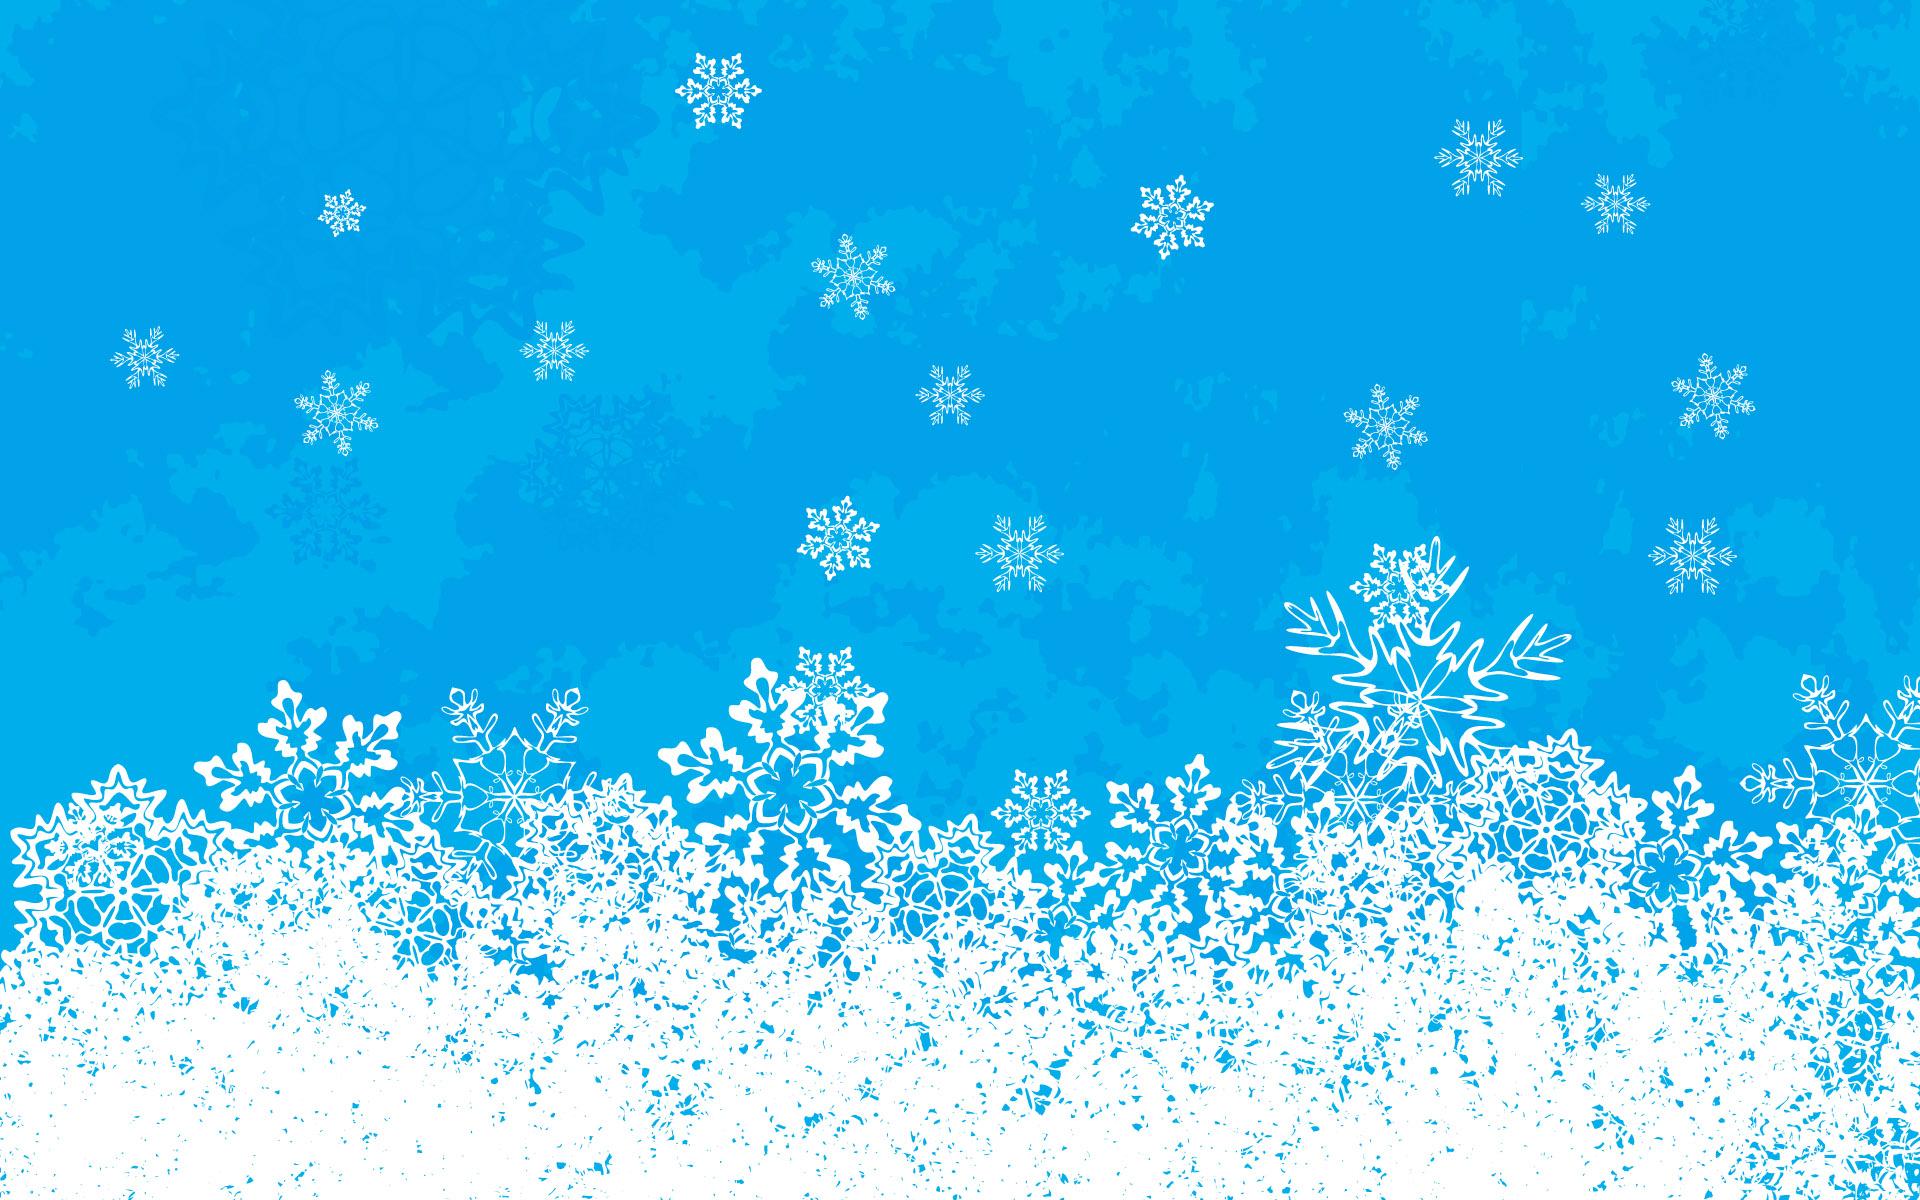 Fondo celeste con nieve en navidad - 1920x1200